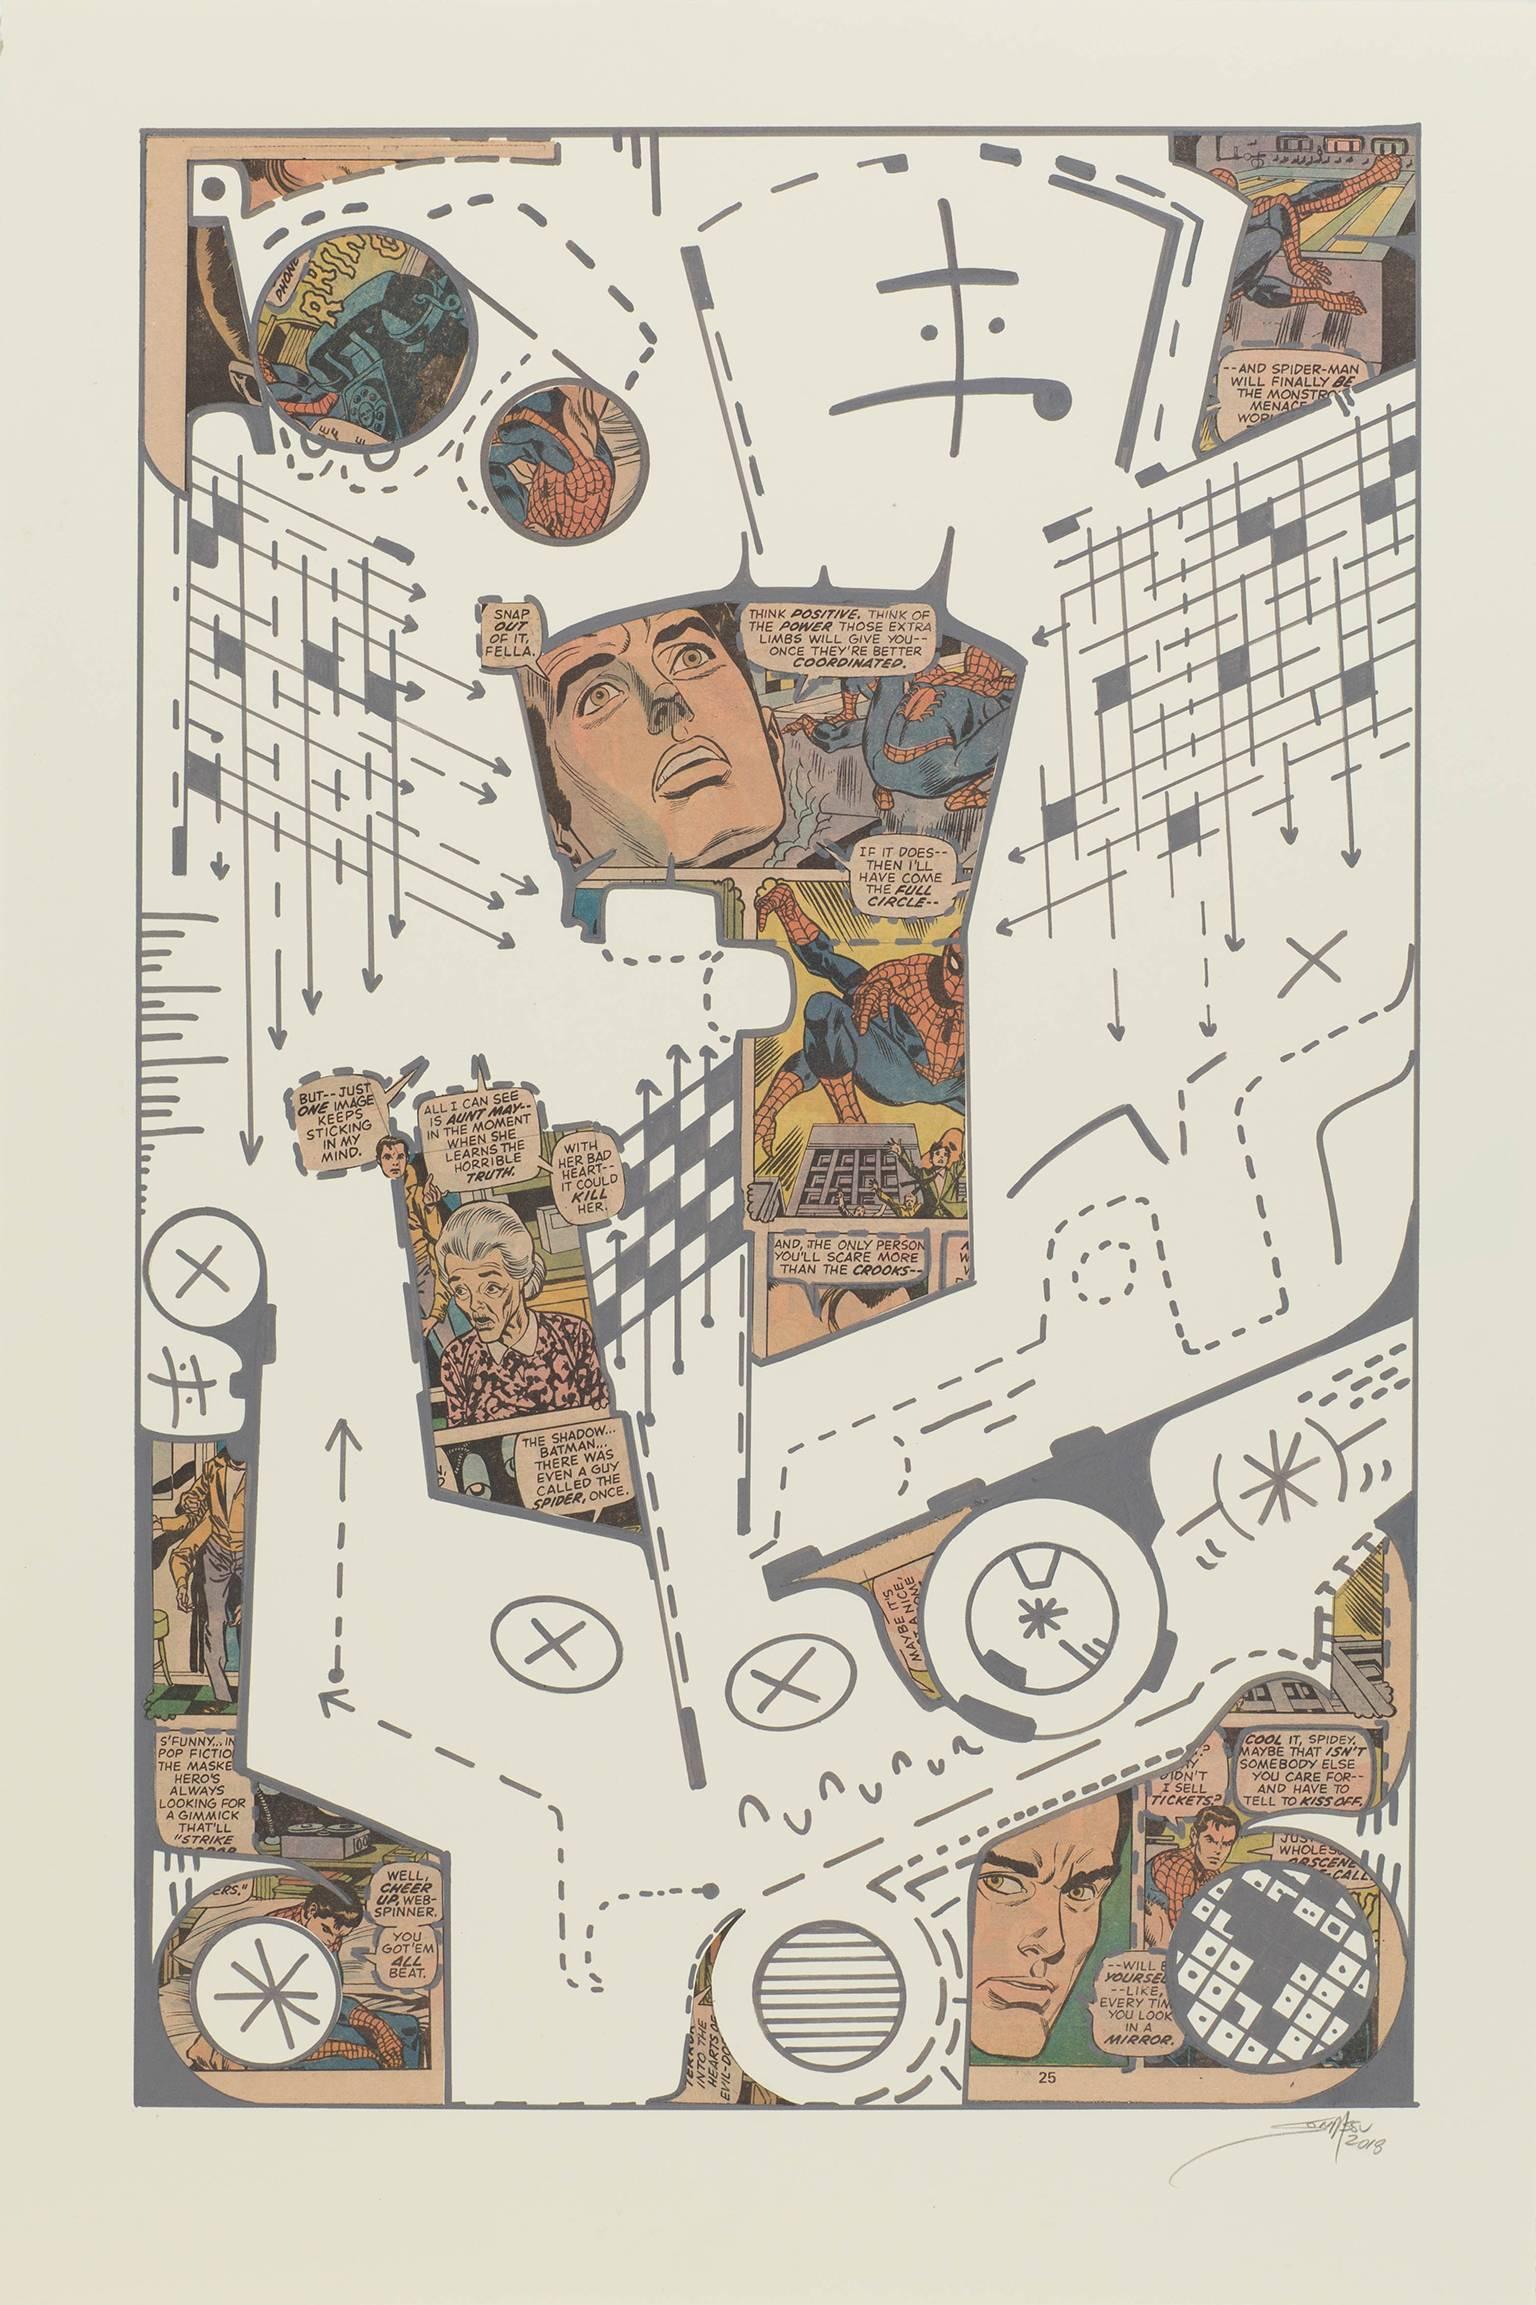 Sonny Assu Art - 59 For Sale at 1stdibs